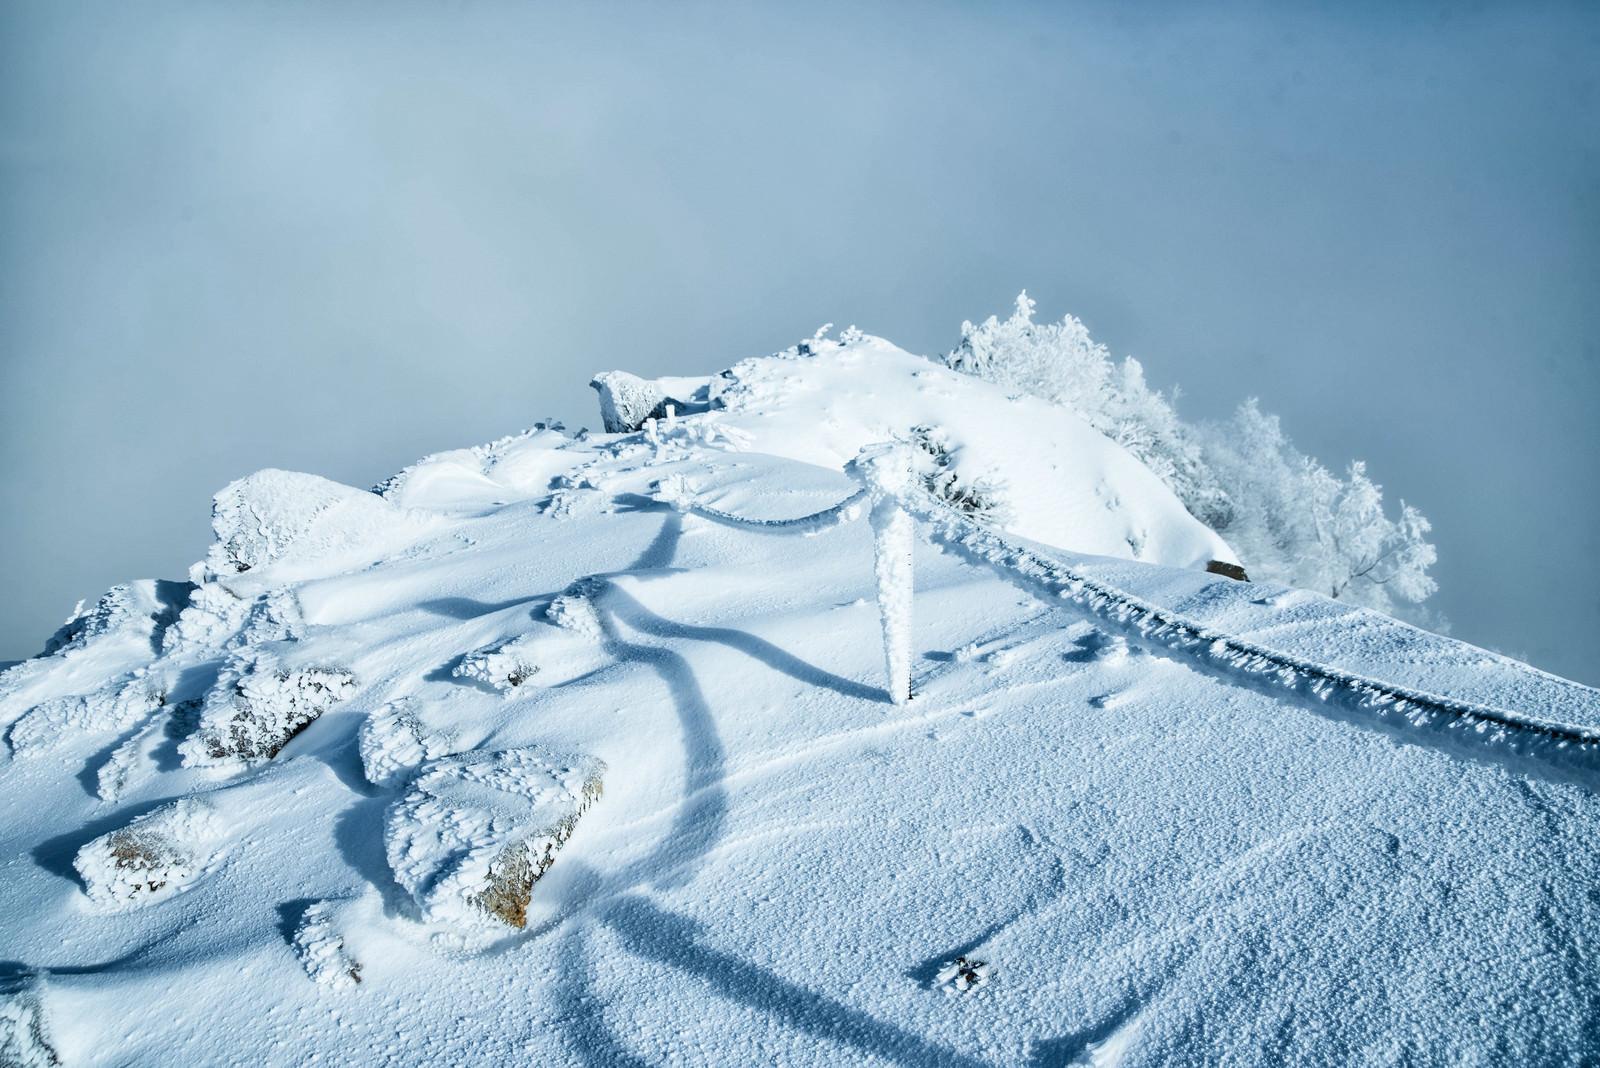 「付着した氷や雪がエビの尻尾状になったロープと伸びる影」の写真